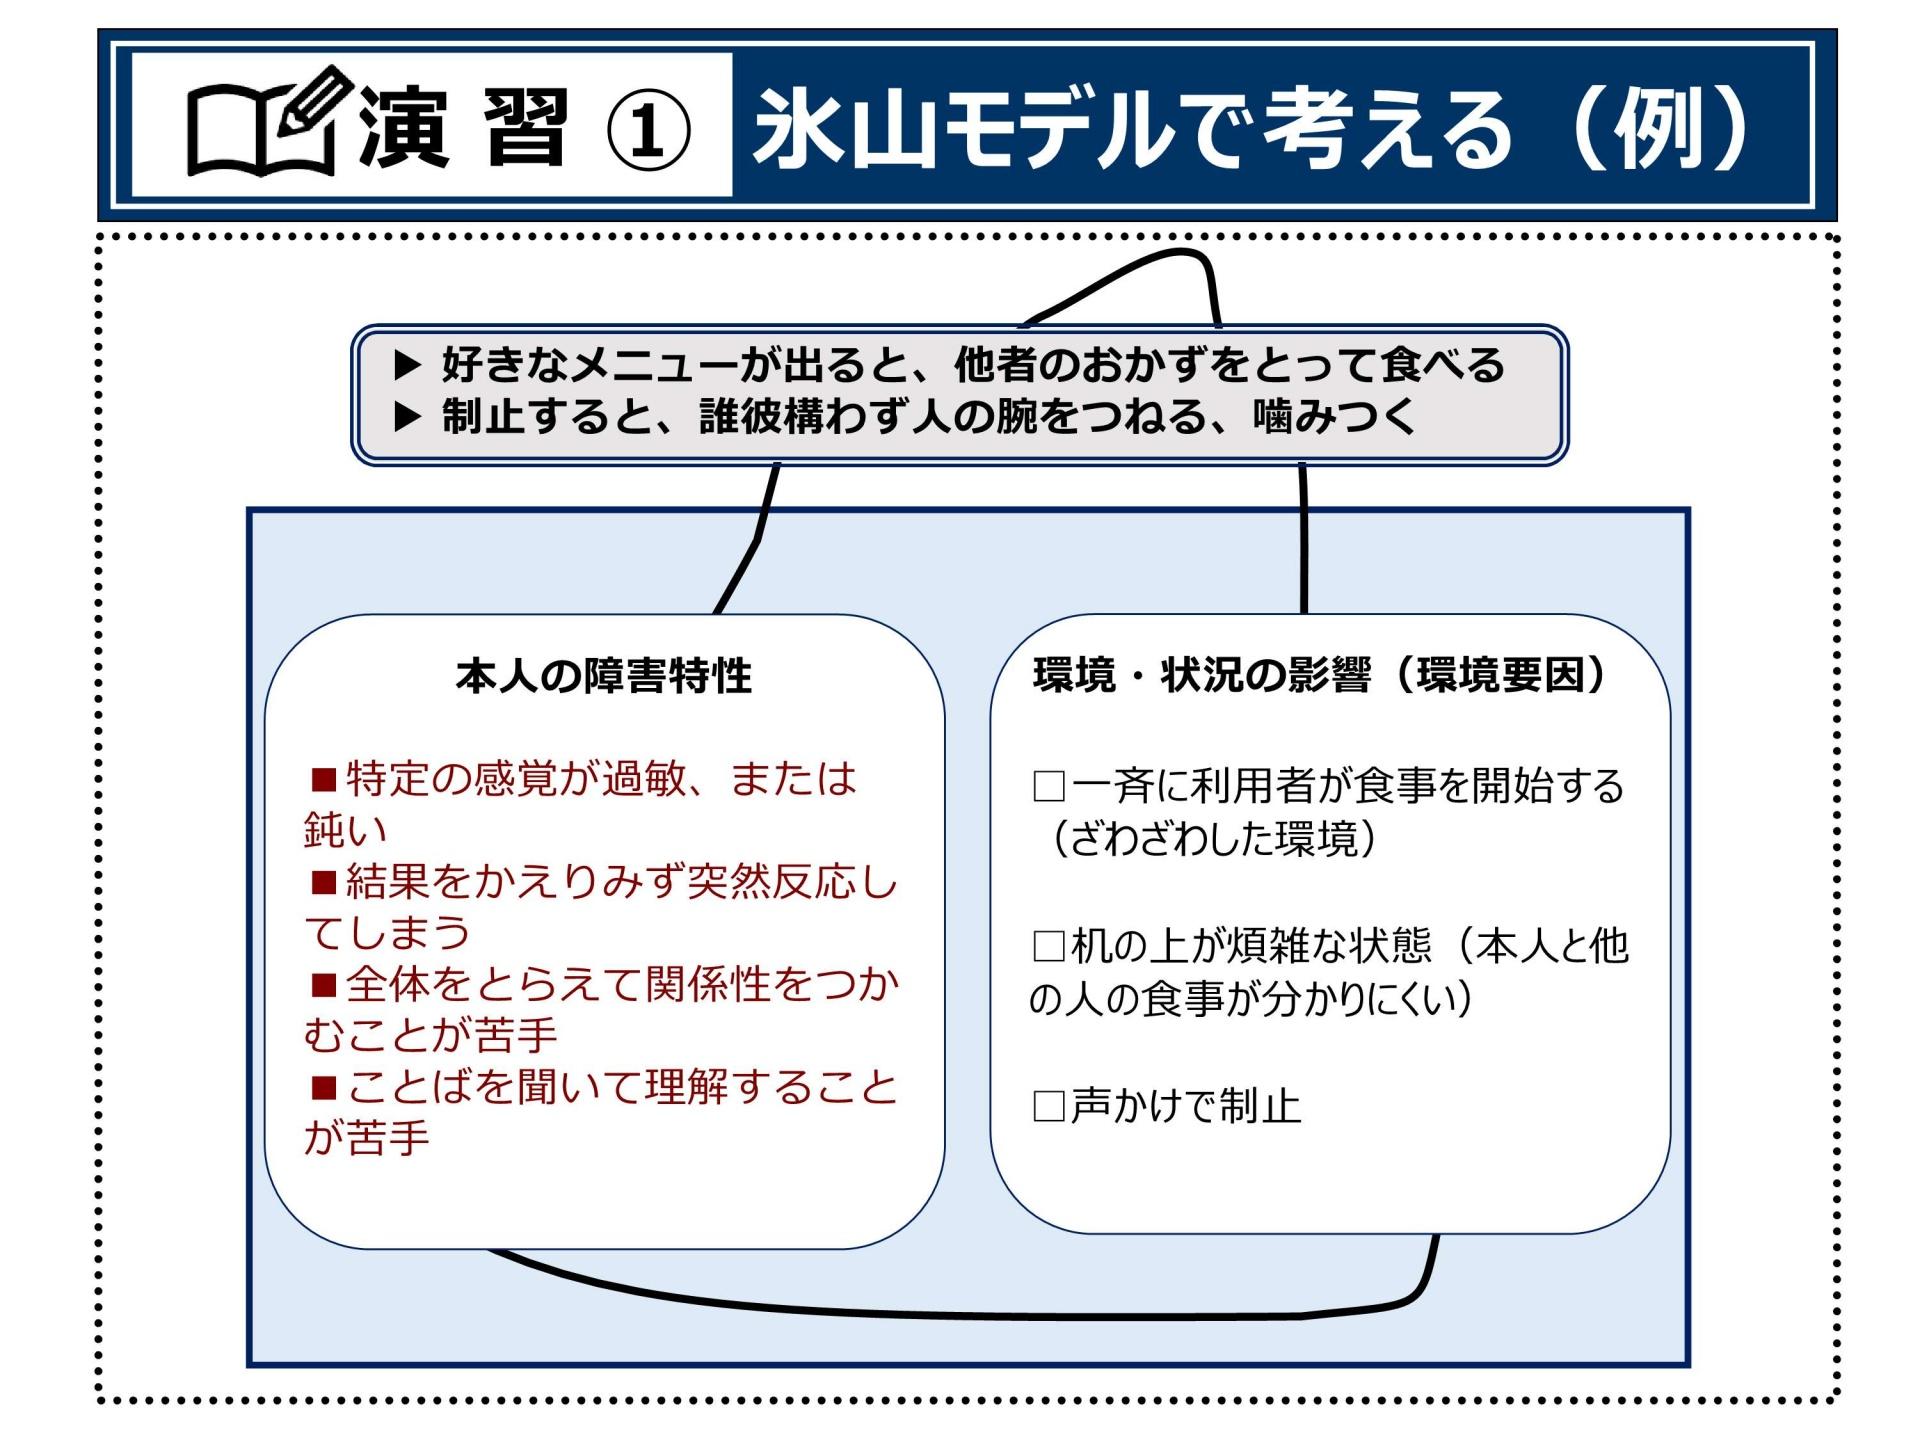 P.40プランニングⅠ(演習①氷山モデルで考える(例))